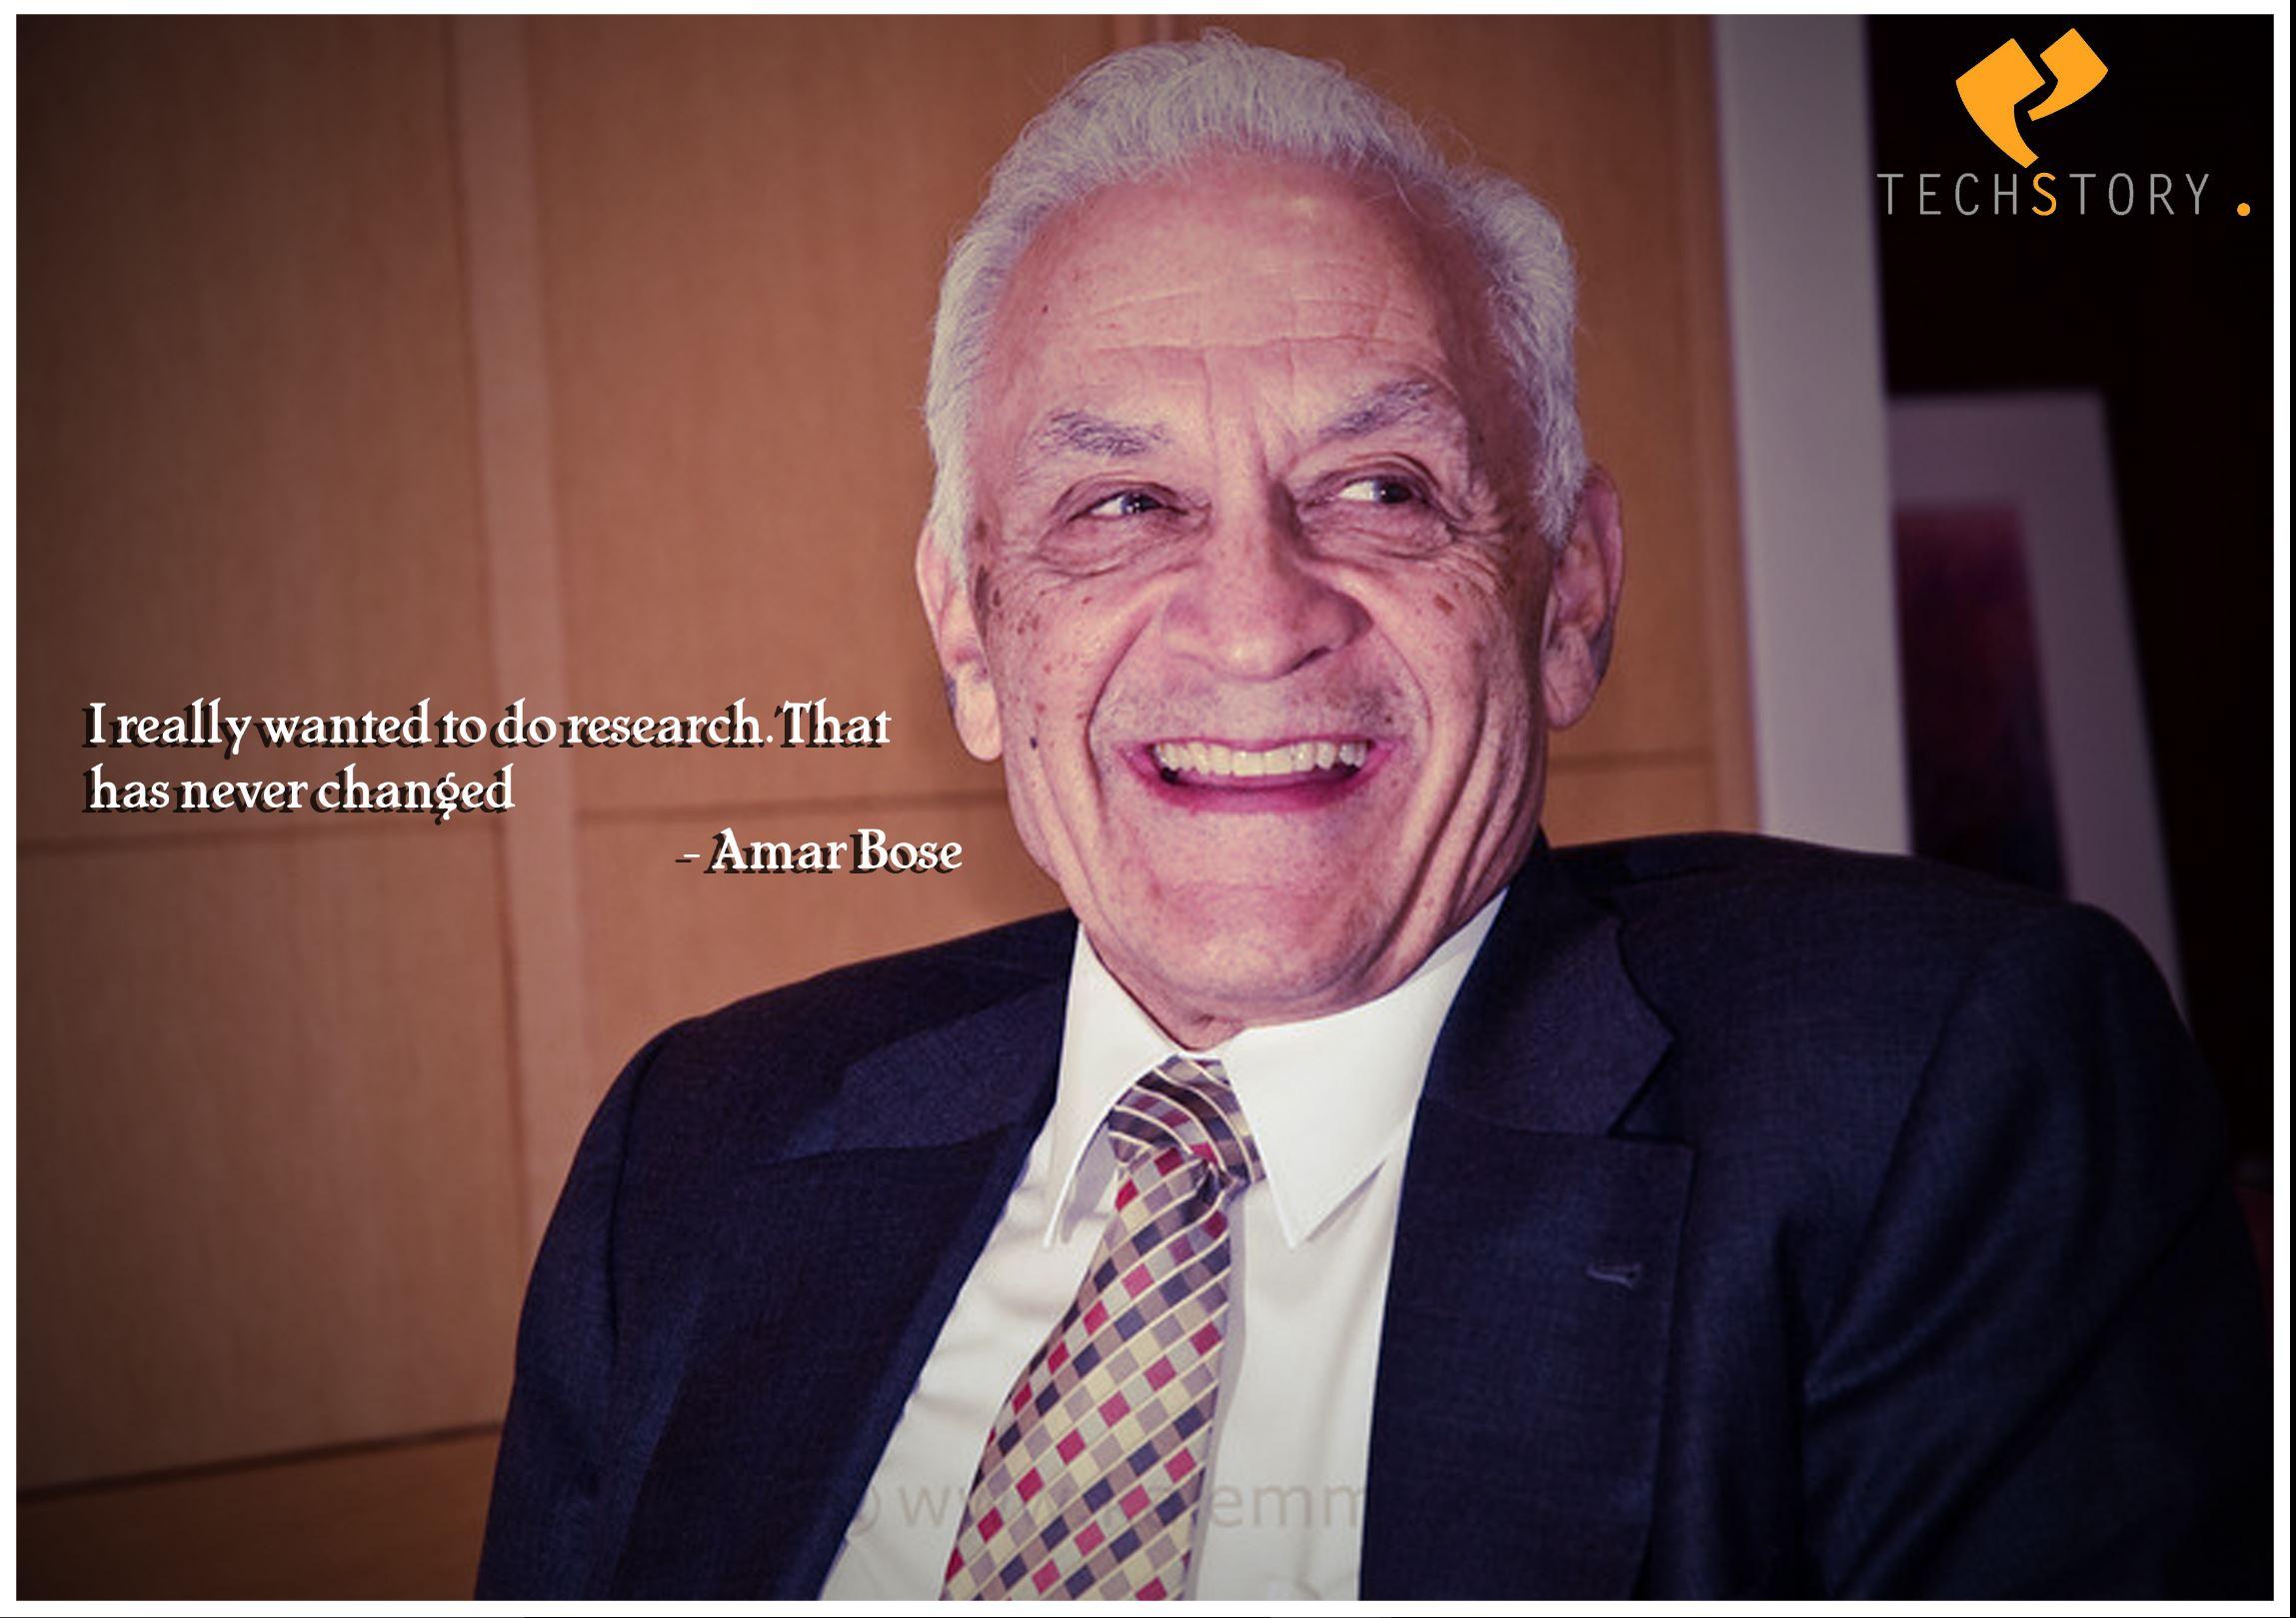 Amar-Bose-quotes-3